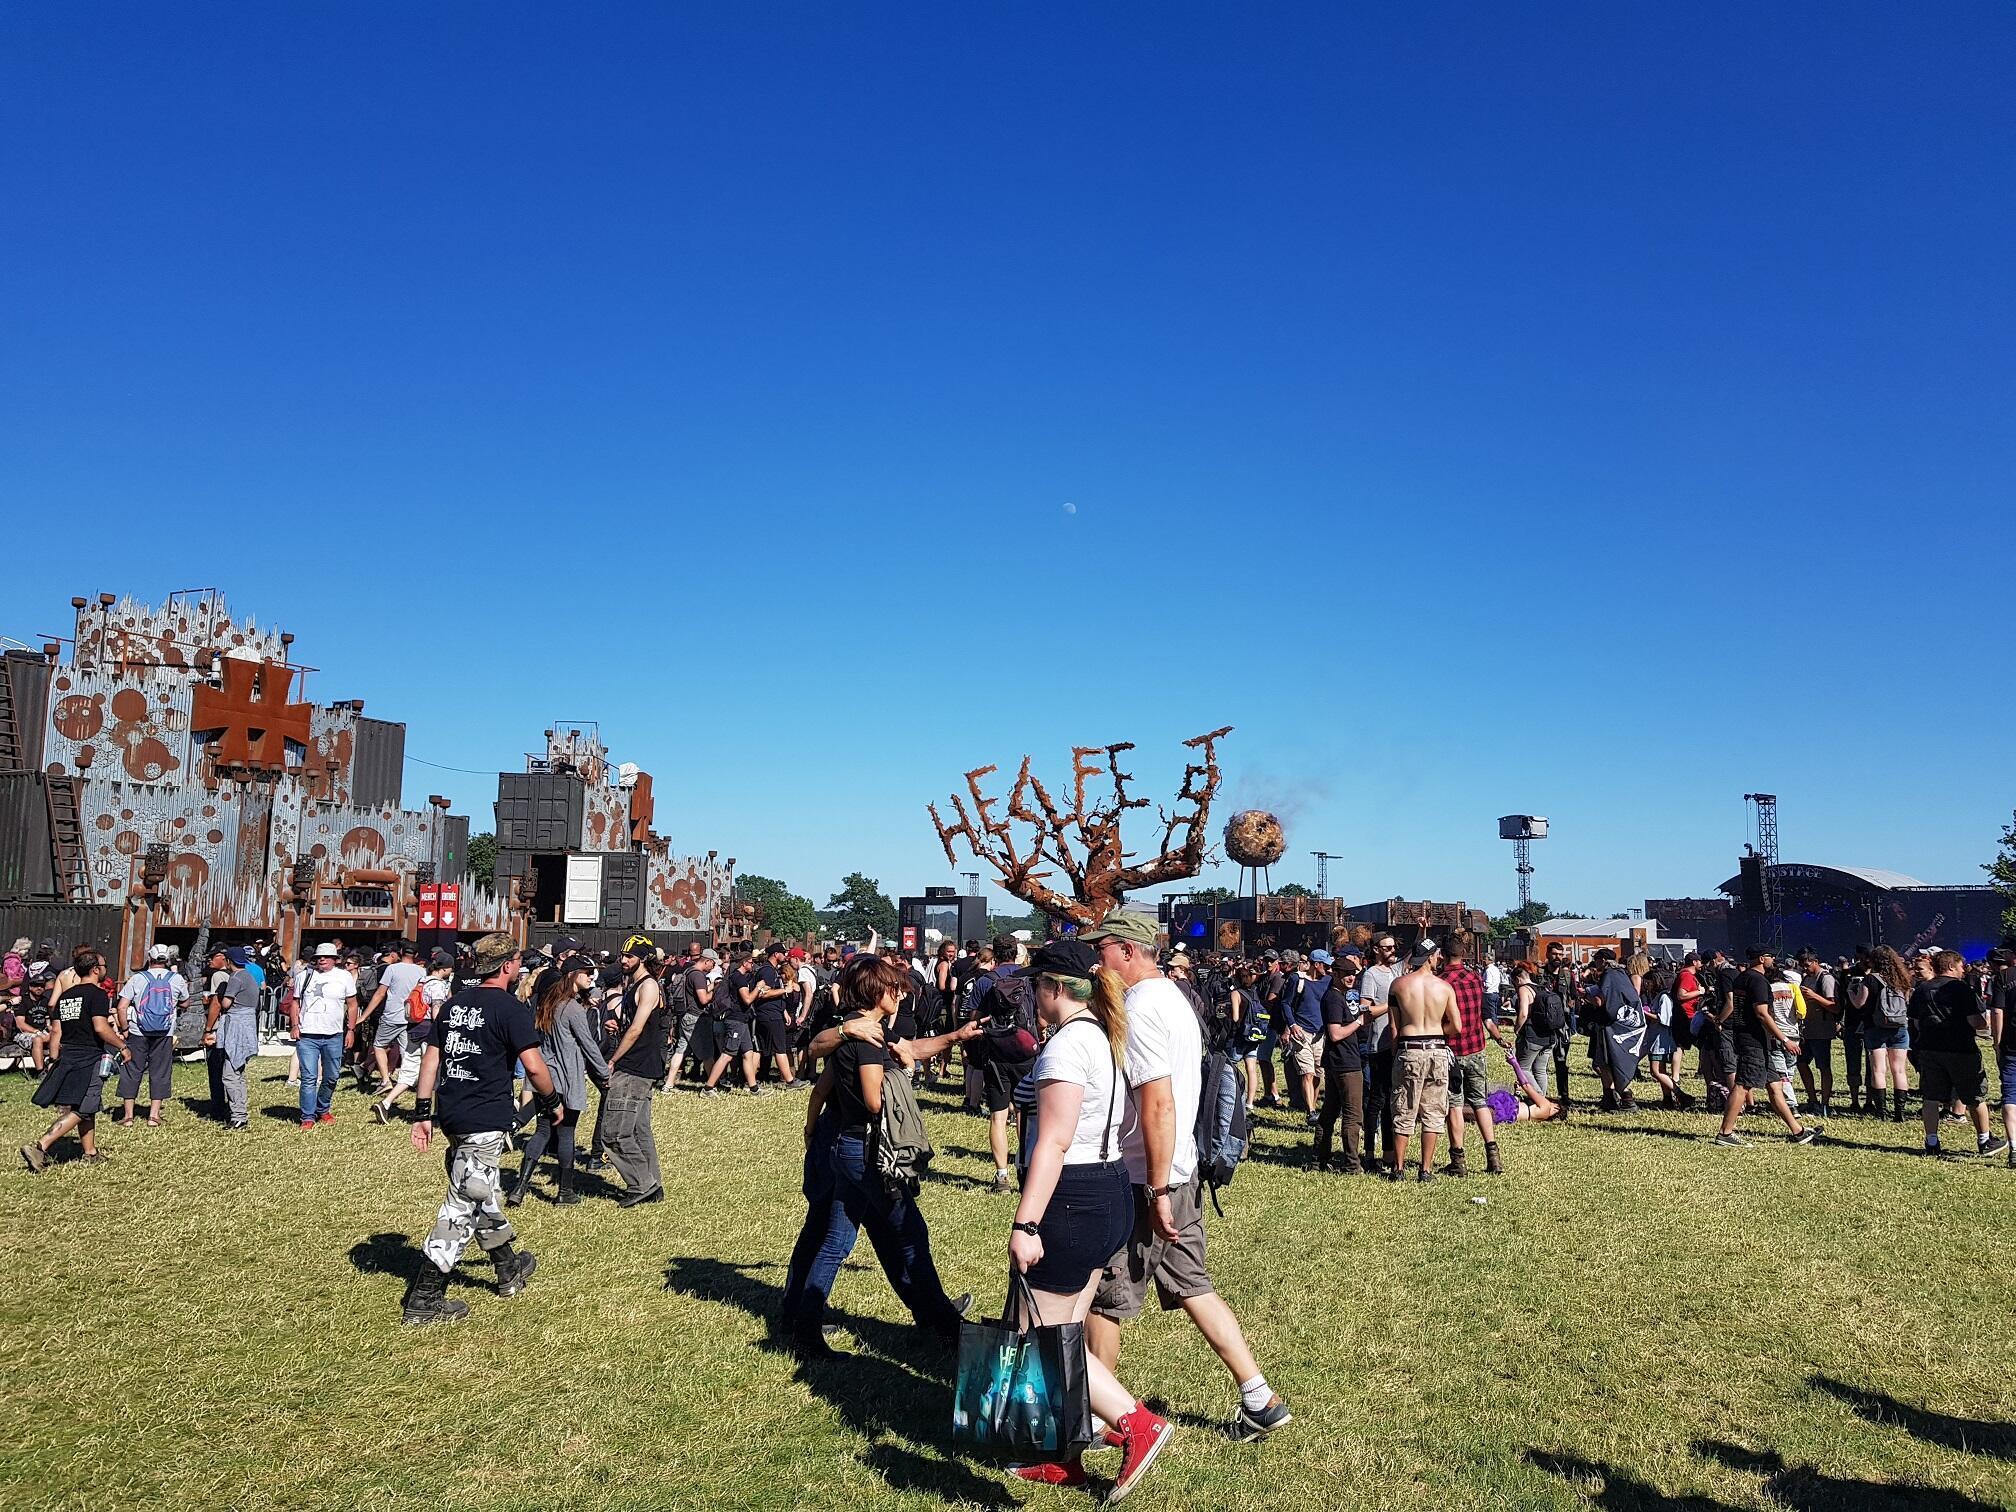 Festival é realizado em um espaço de 15 hectares em Clisson, oeste da França.